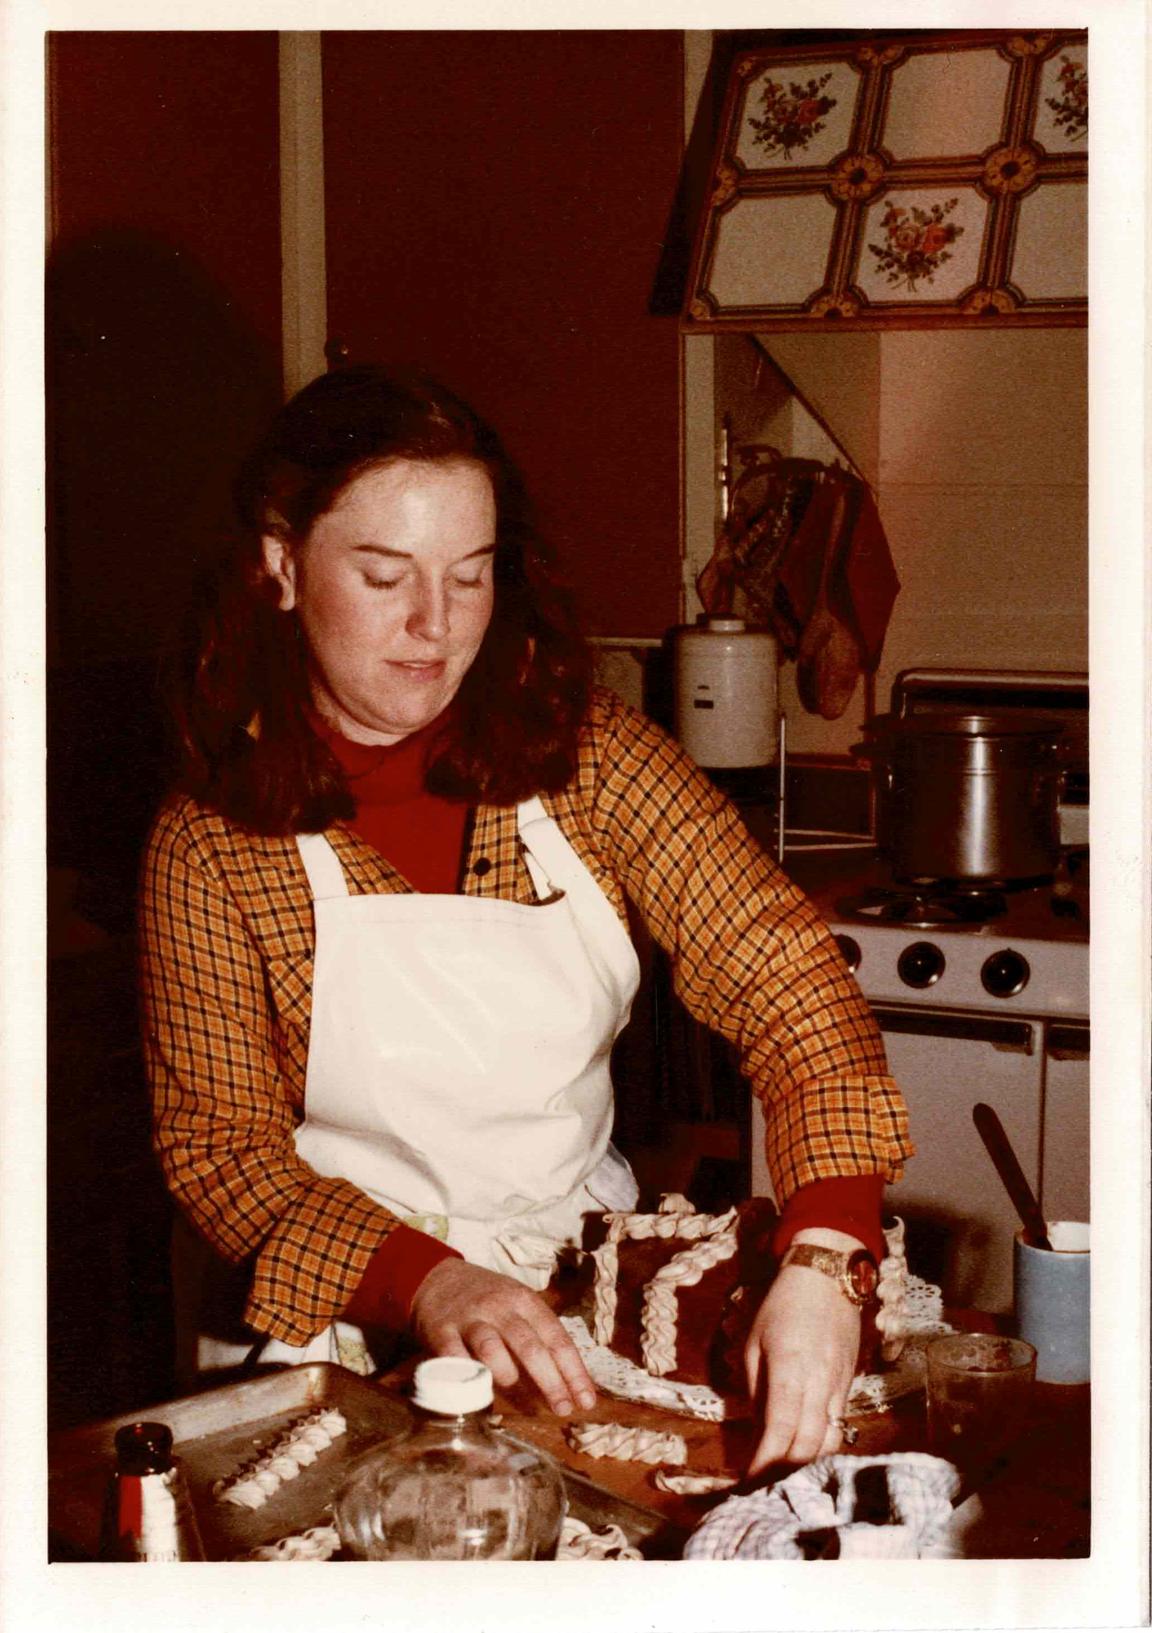 Kay Pratt, our Founder's mom, assembling a cake